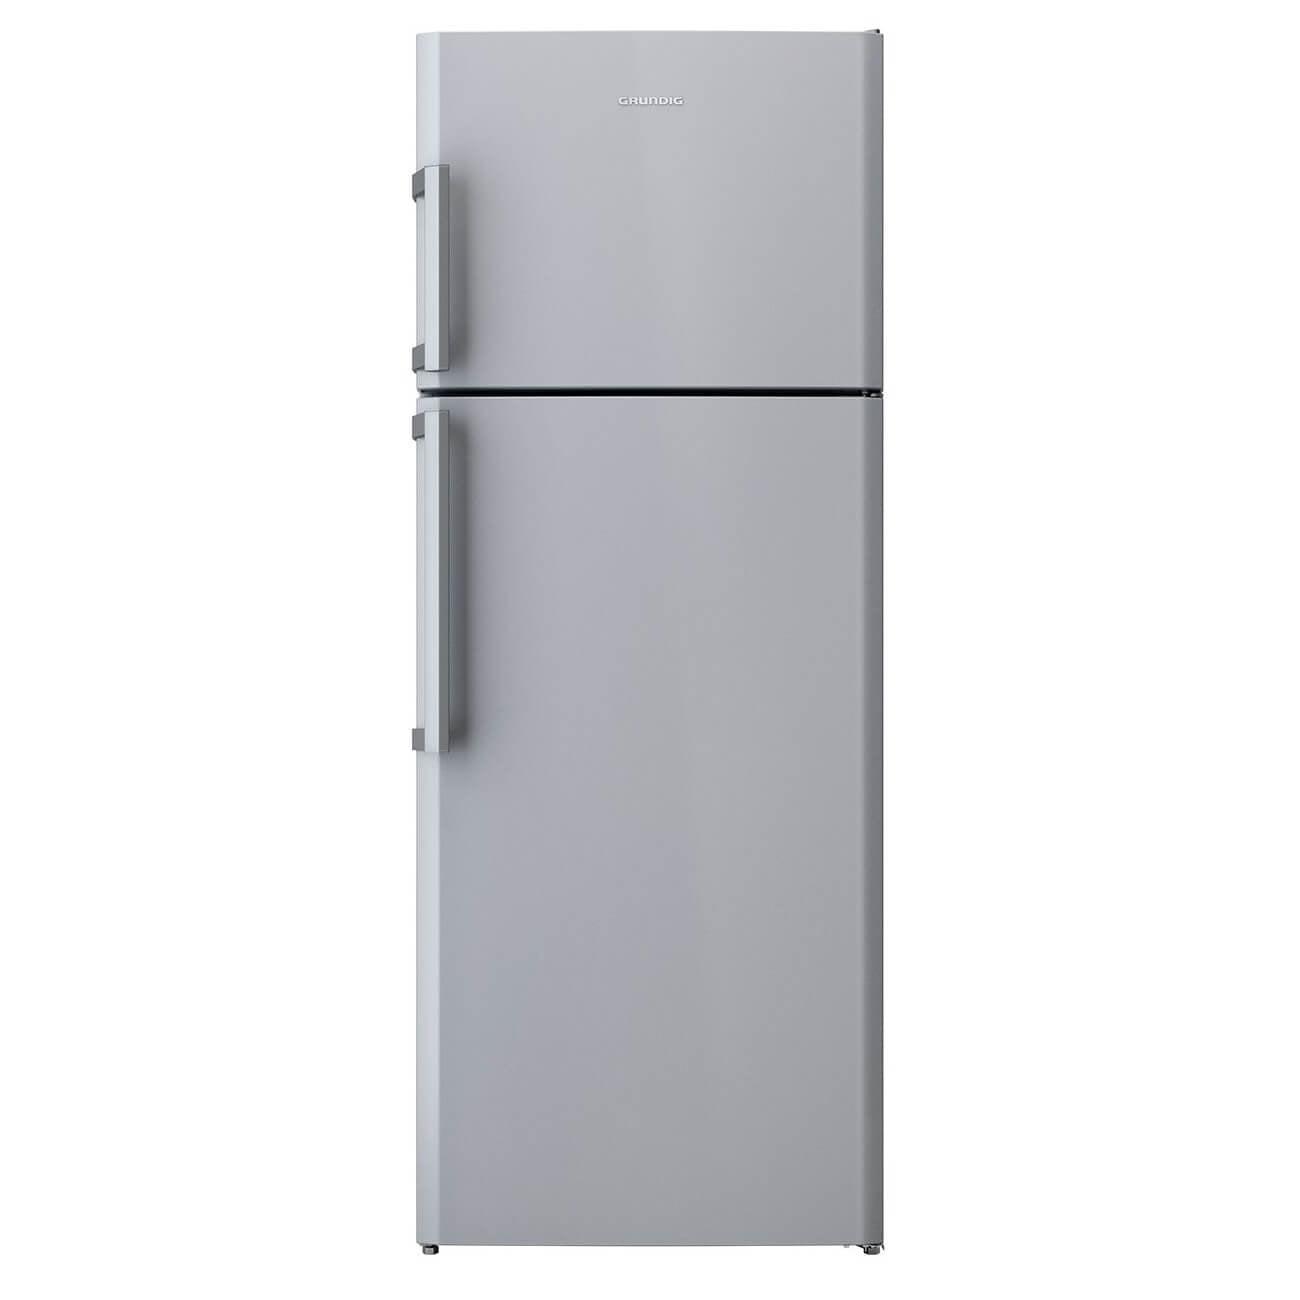 Grundig GRNE 4651 S buzdolabi